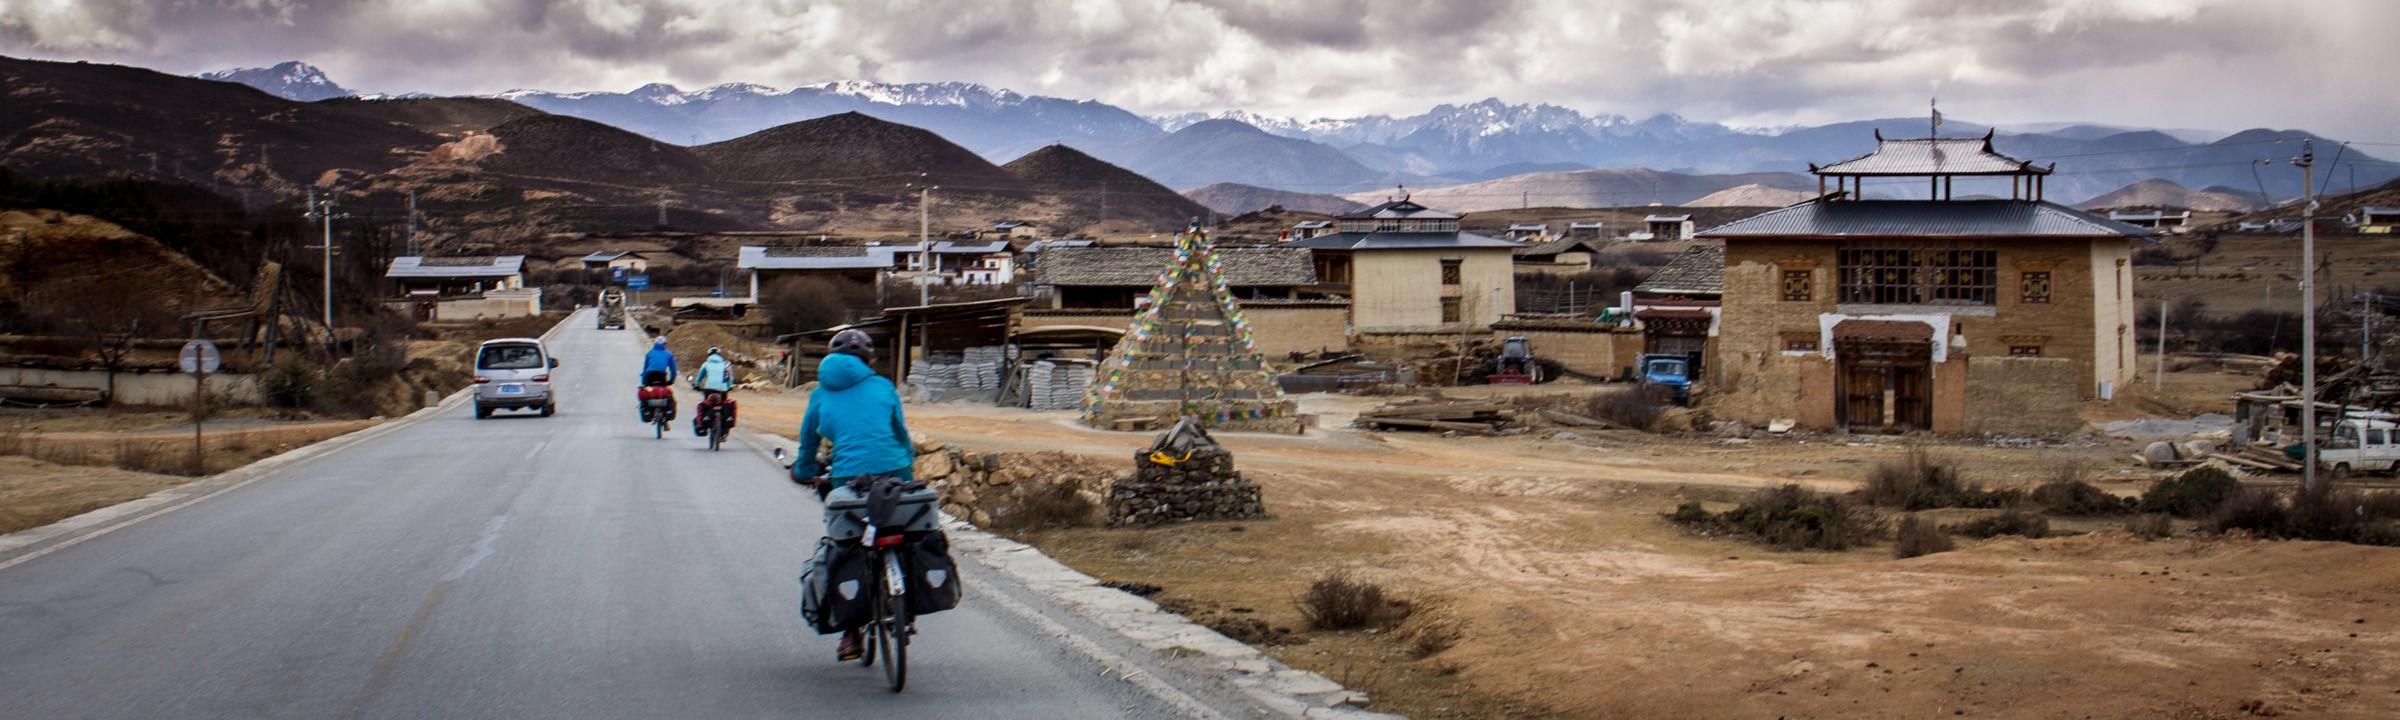 11 Choses A Savoir Avant De Venir En Chine